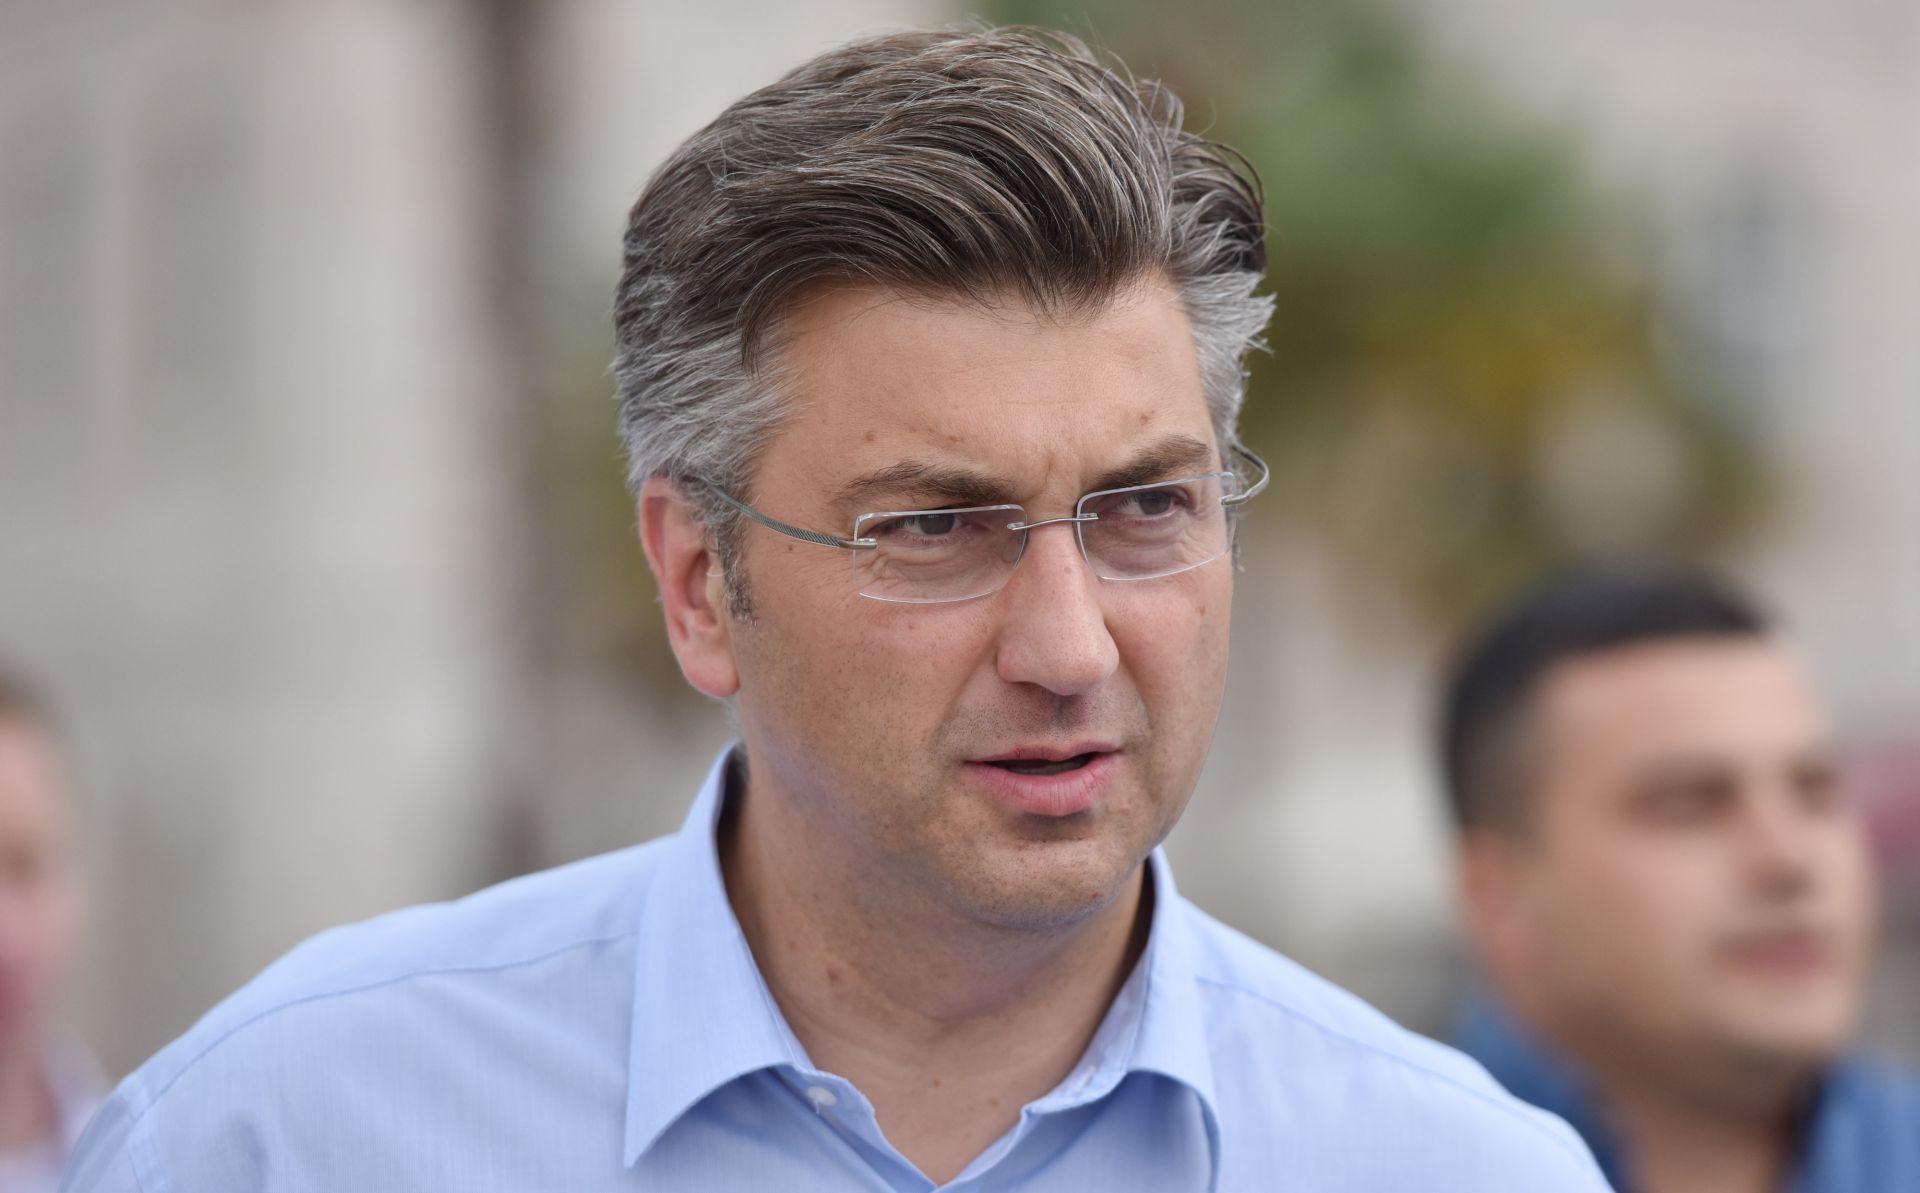 NASTAVAK PREGOVORA Nova Vlada imat će 4 potpredsjednika, Ministarstvo gospodarstva se razdvaja